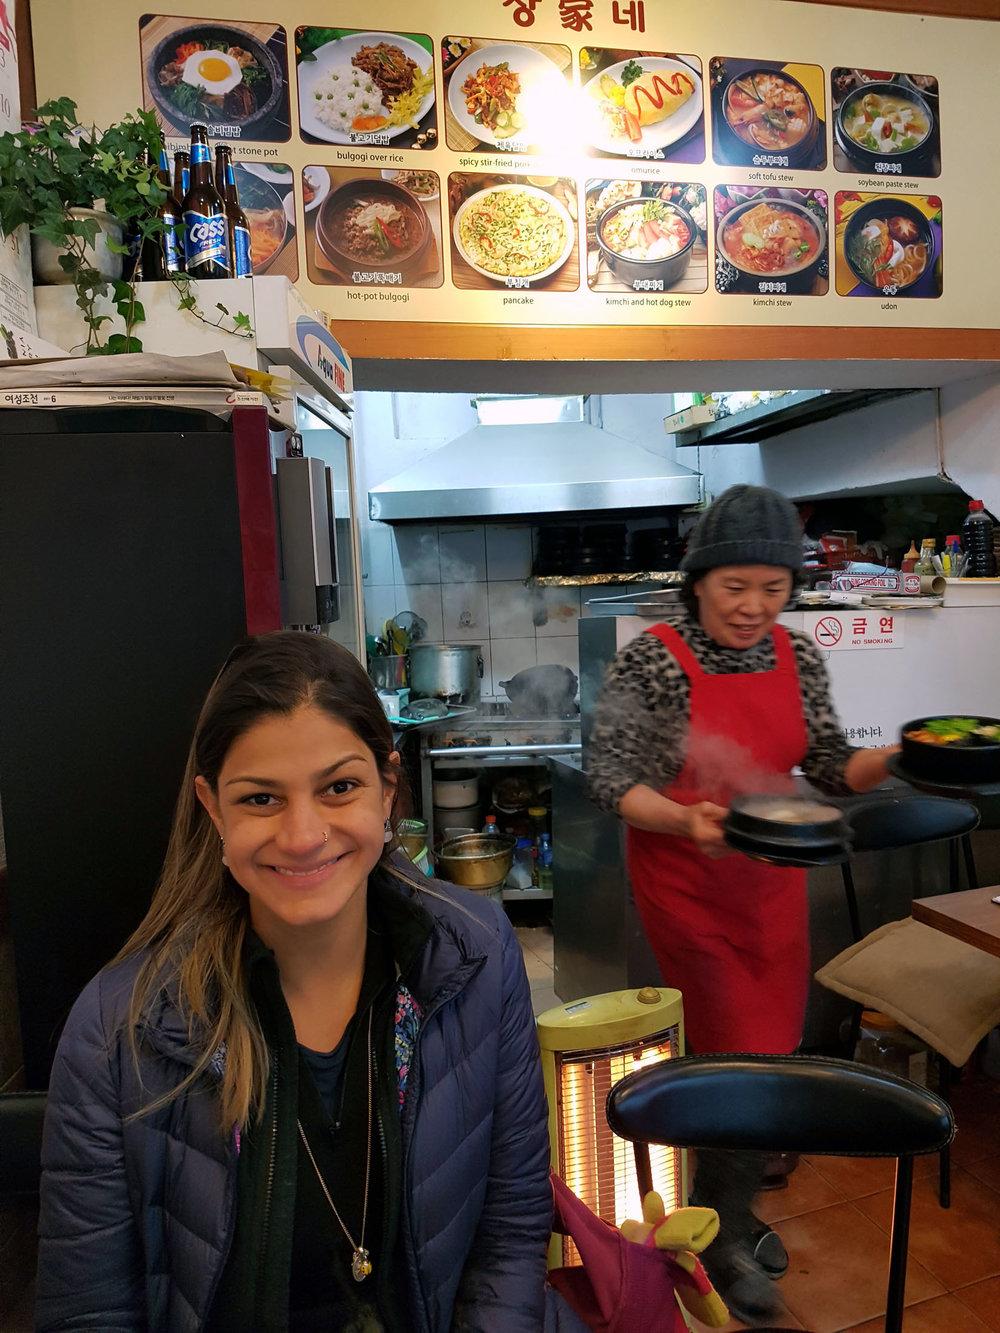 Nesse restaurante, comemos a melhor comida de Seul! Aqui a dona do restaurante é também a garçonete e a cozinheira. Esse fica na Sajiki-ro, quase em frente do Gwanghwamun Palace.